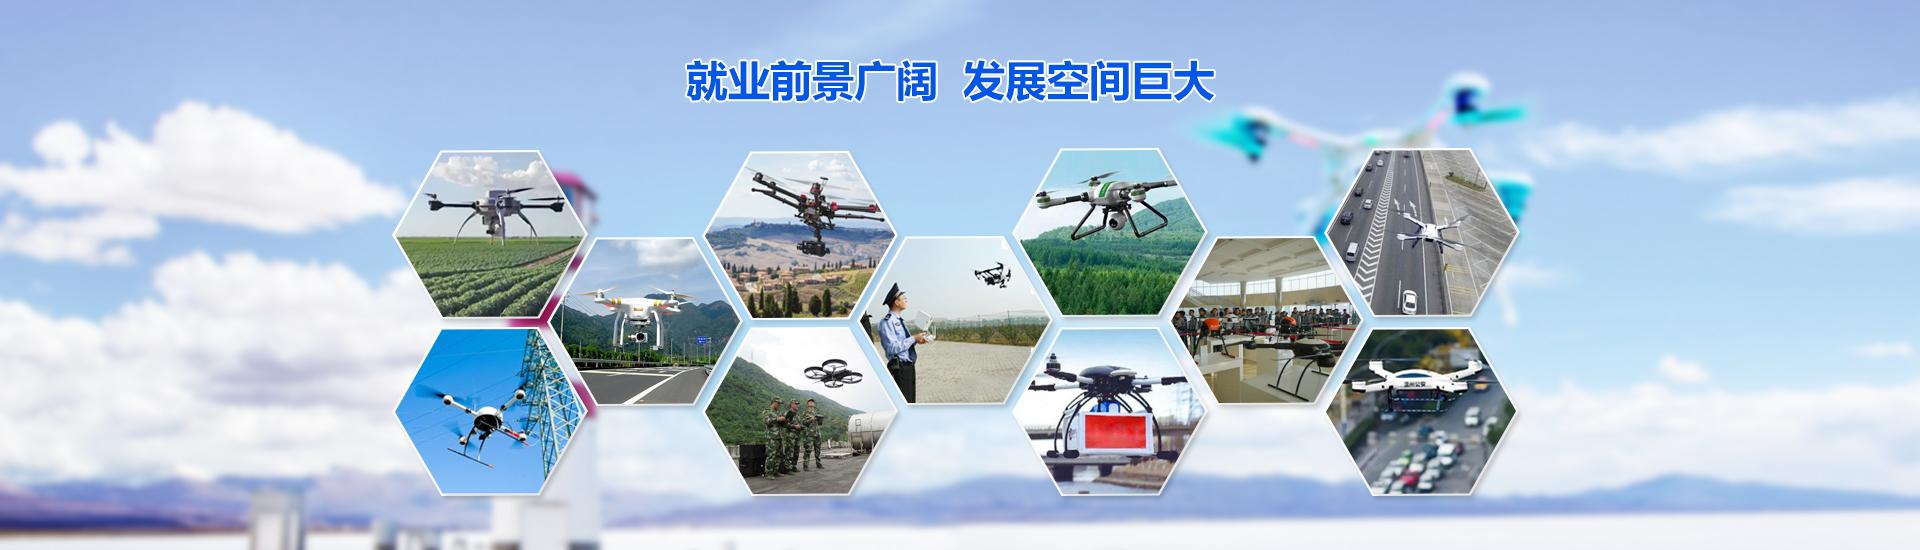 无人机驾驶培训